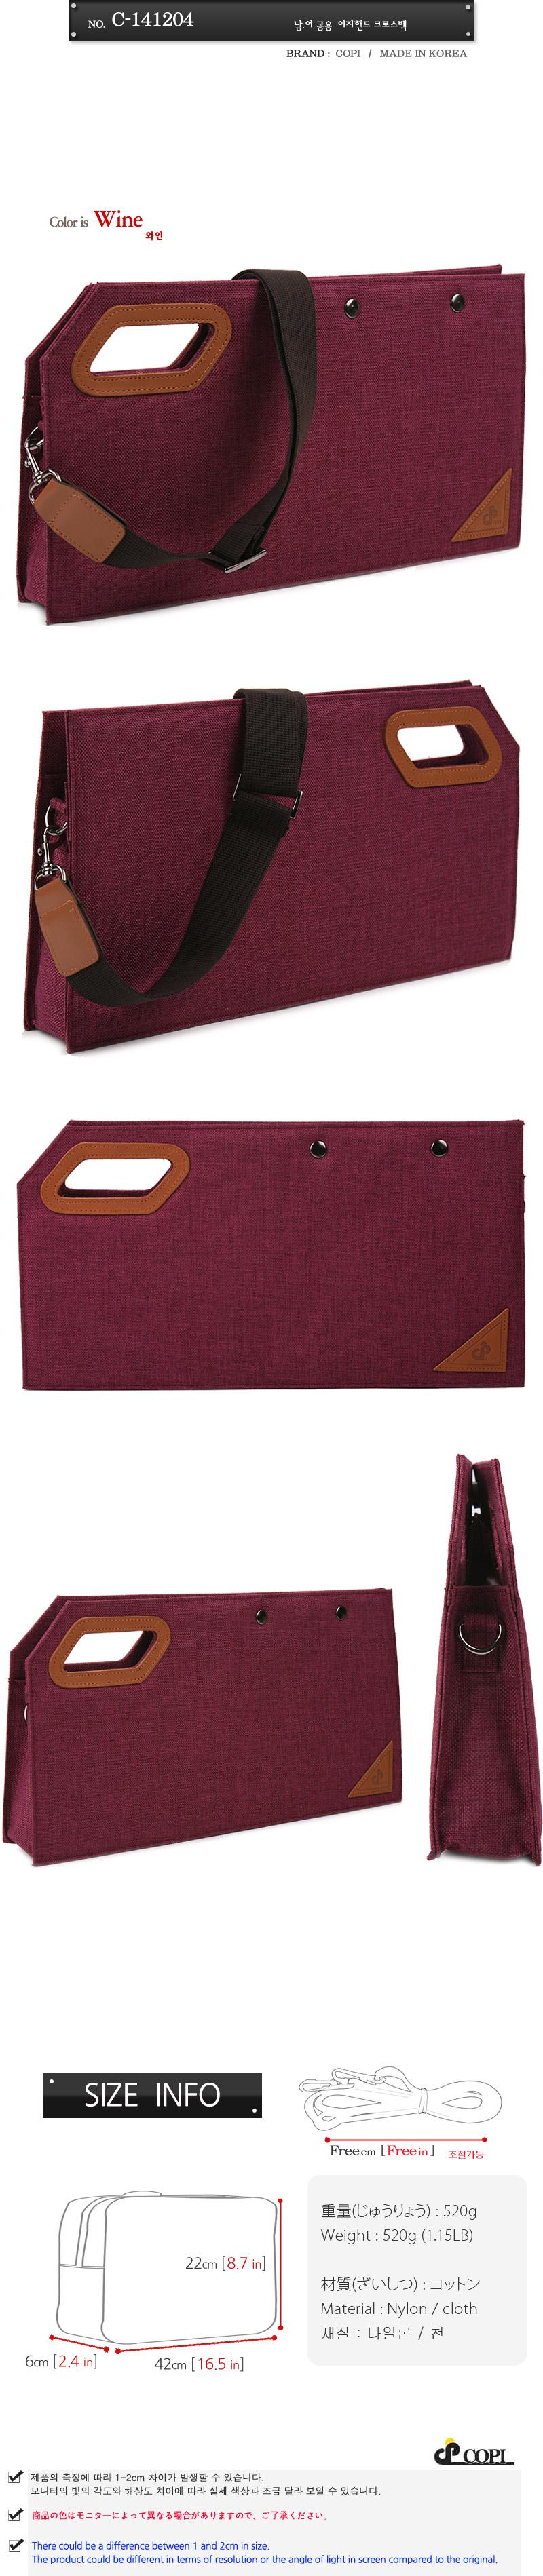 copi handbag no.C-141204view